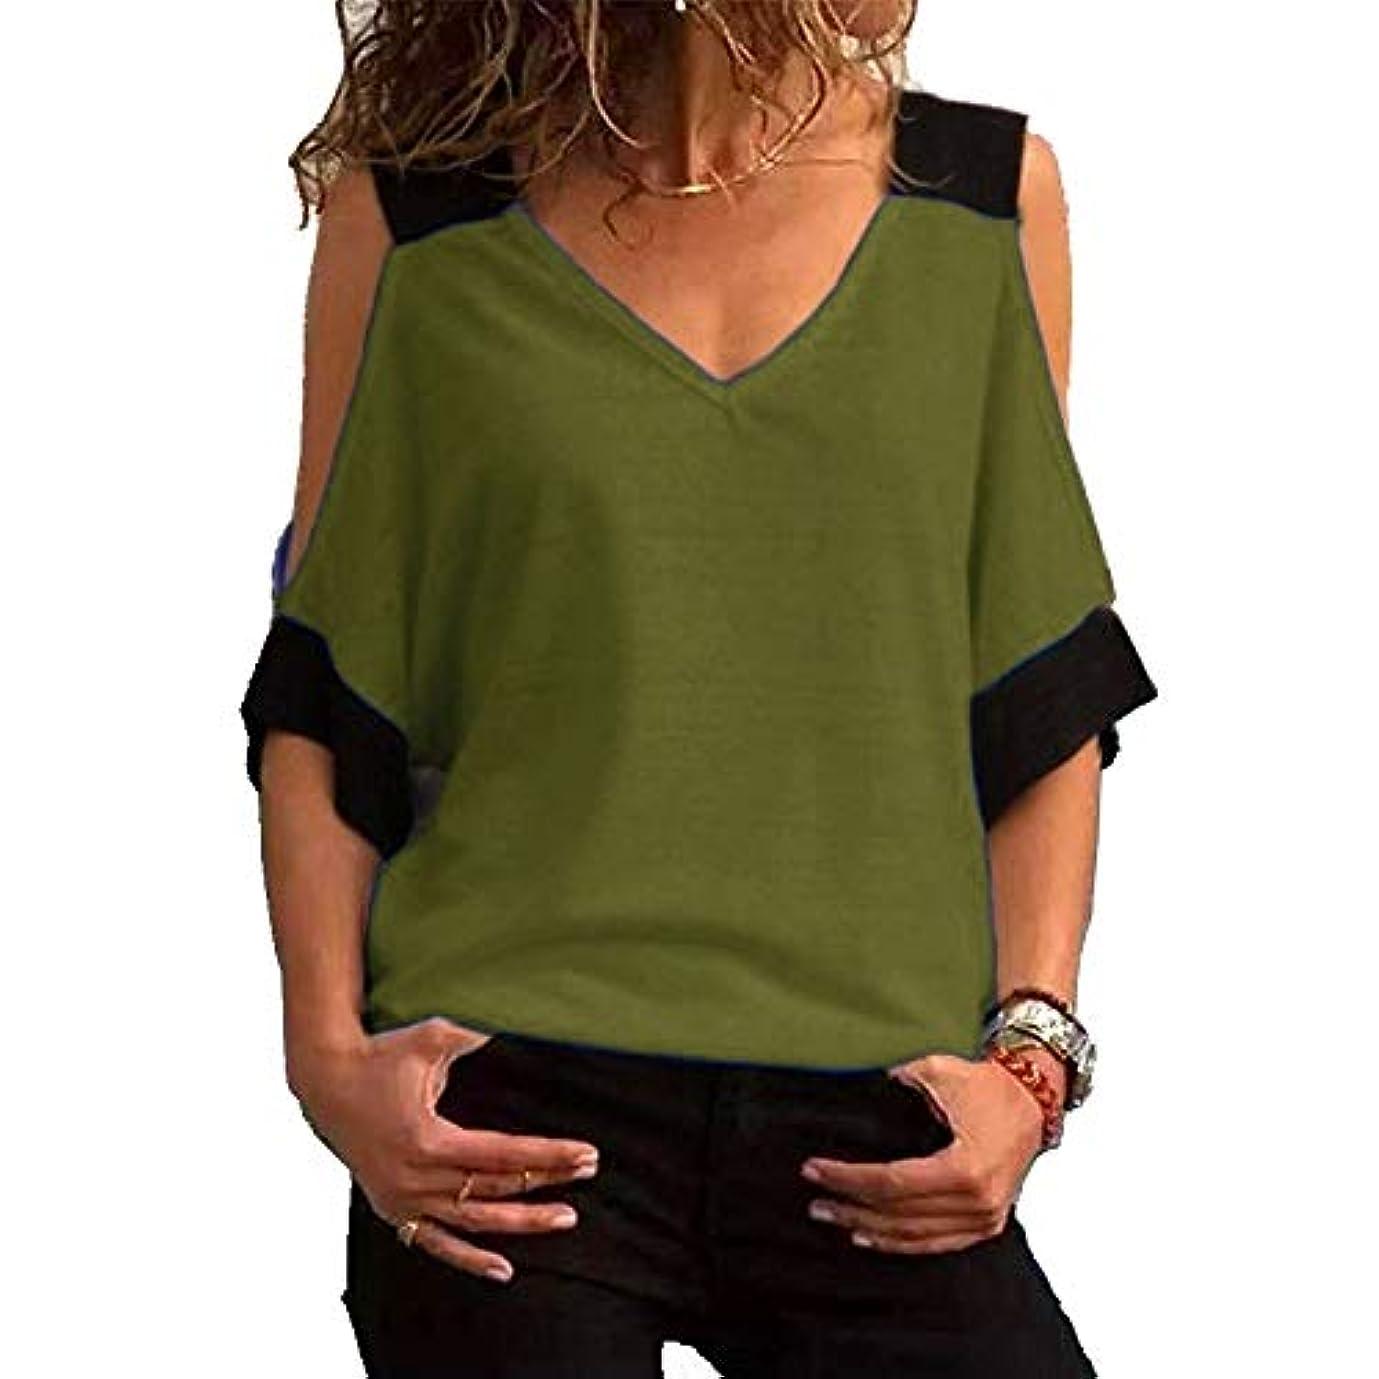 除去外交スポンサーMIFAN女性ファッションカジュアルトップス女性ショルダーブラウスコットンTシャツディープVネック半袖